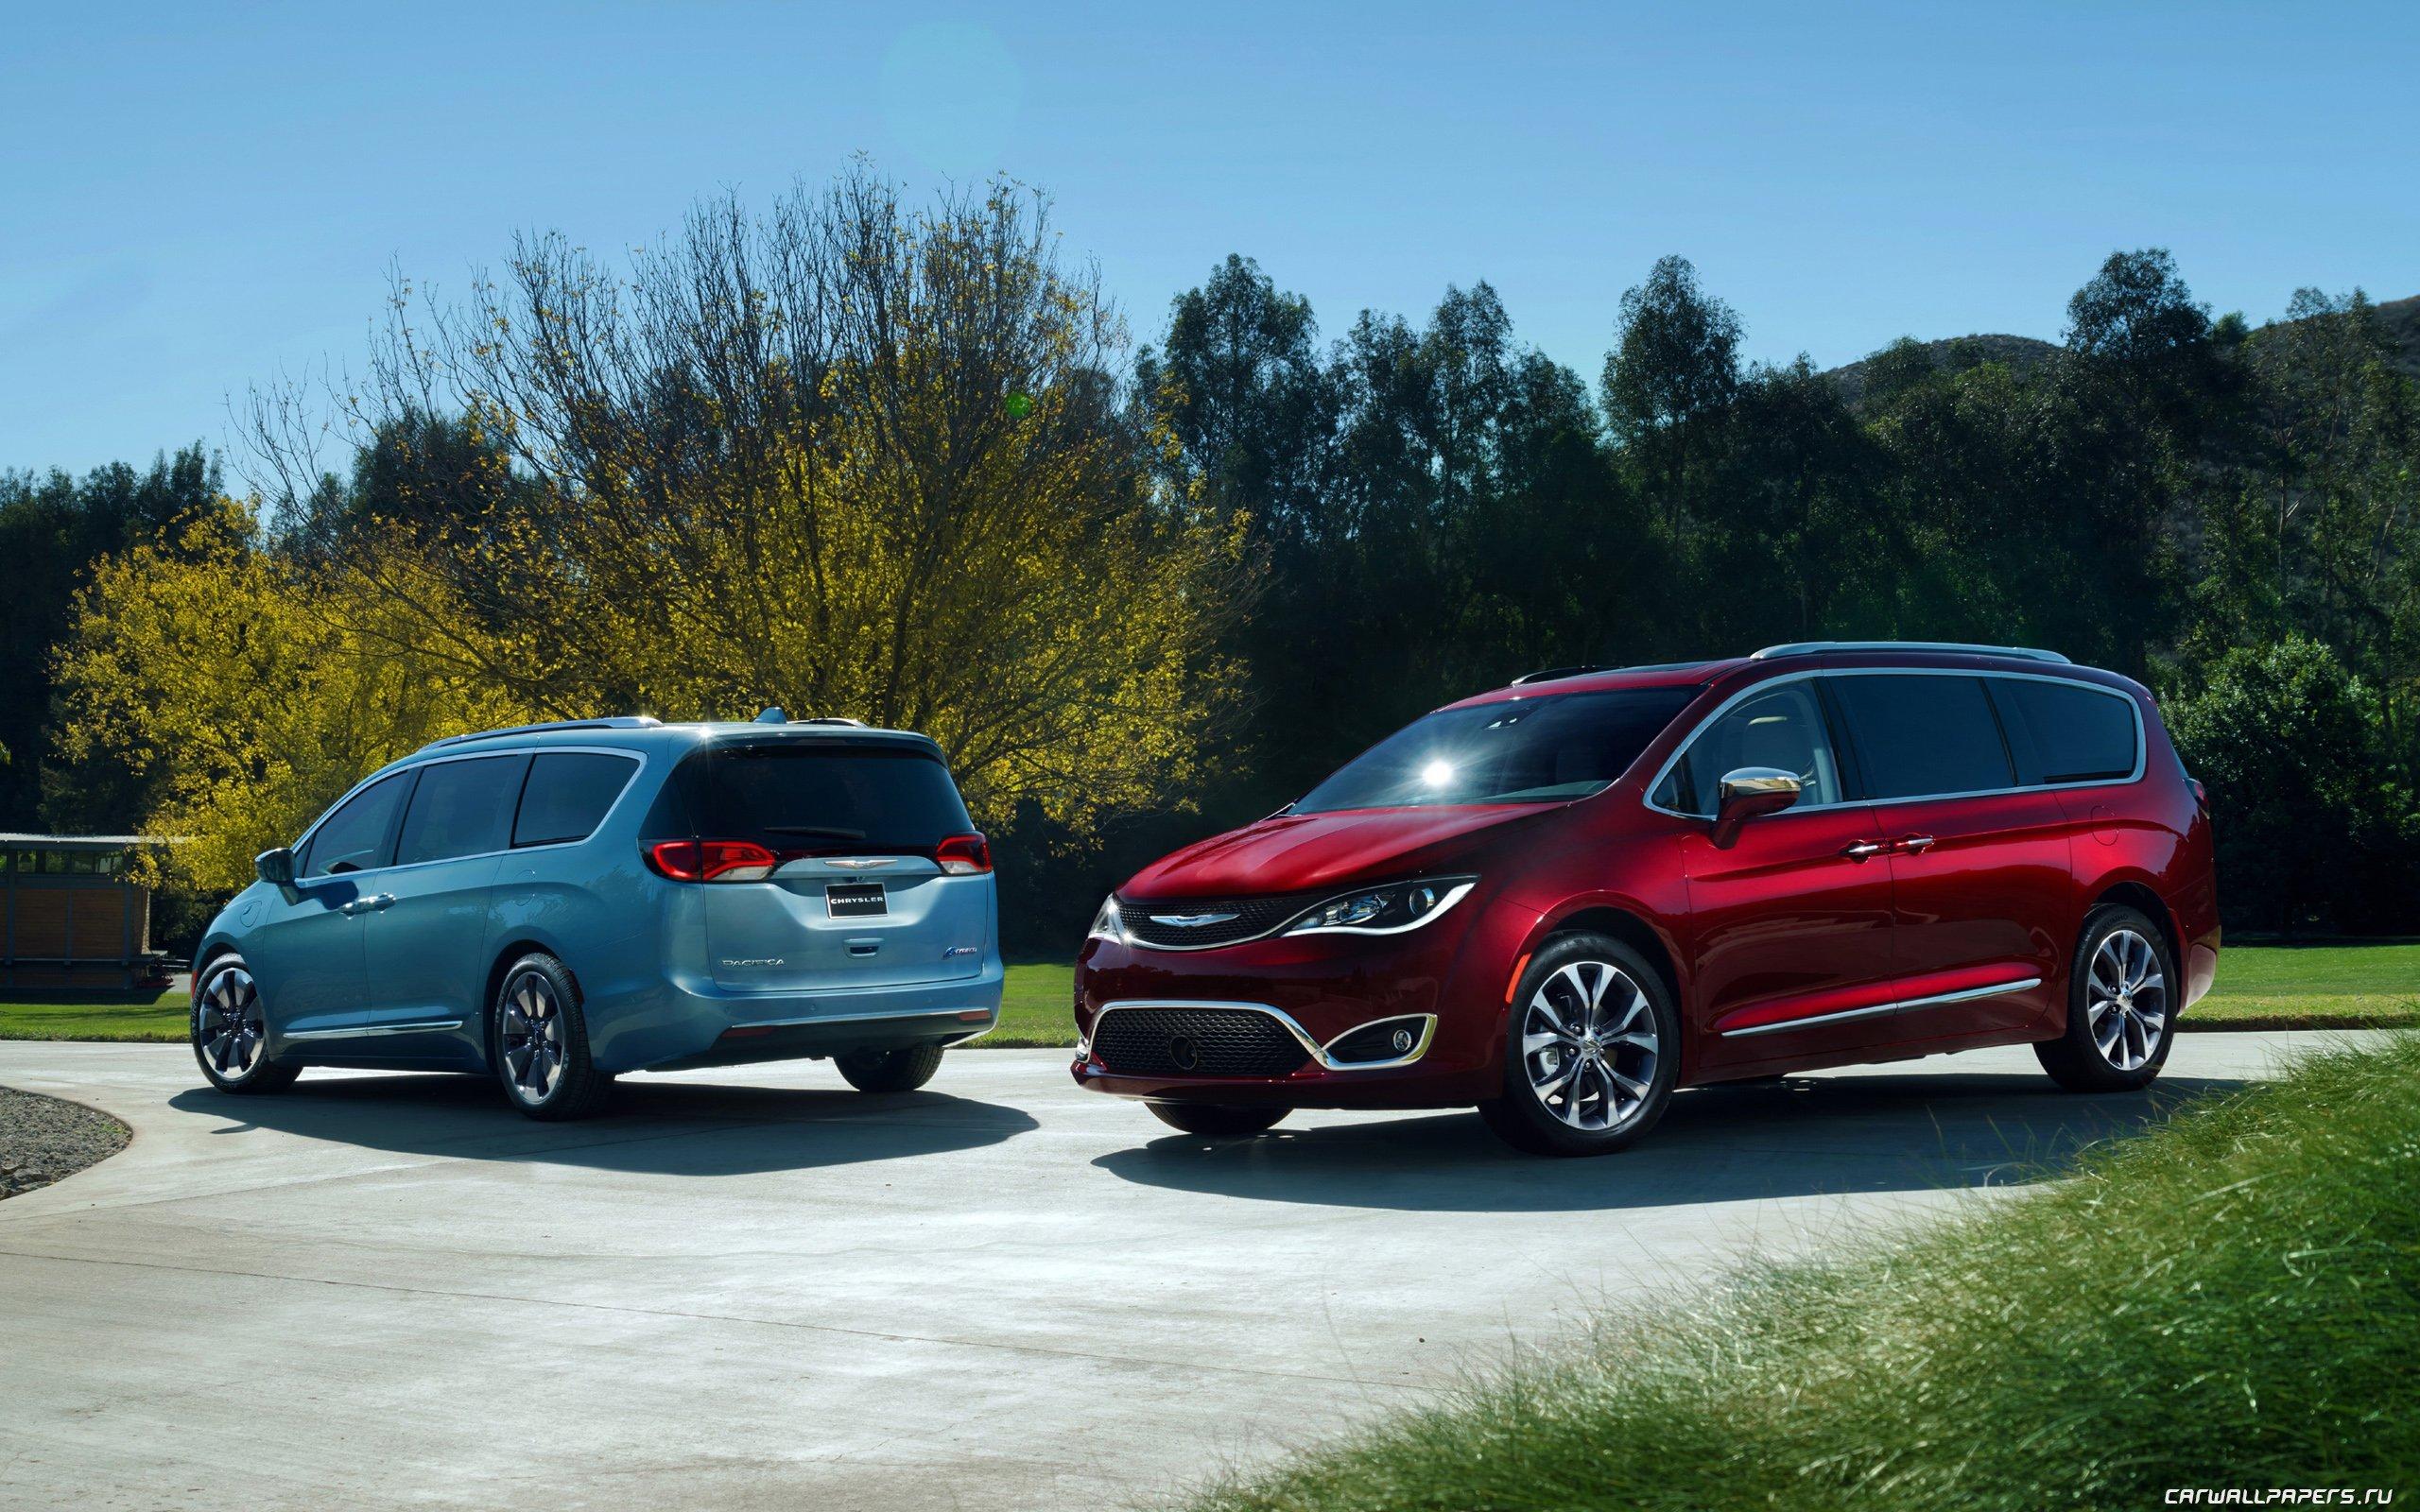 Фиат Chrysler отзывает неменее 160 тыс. авто из-за неисправности